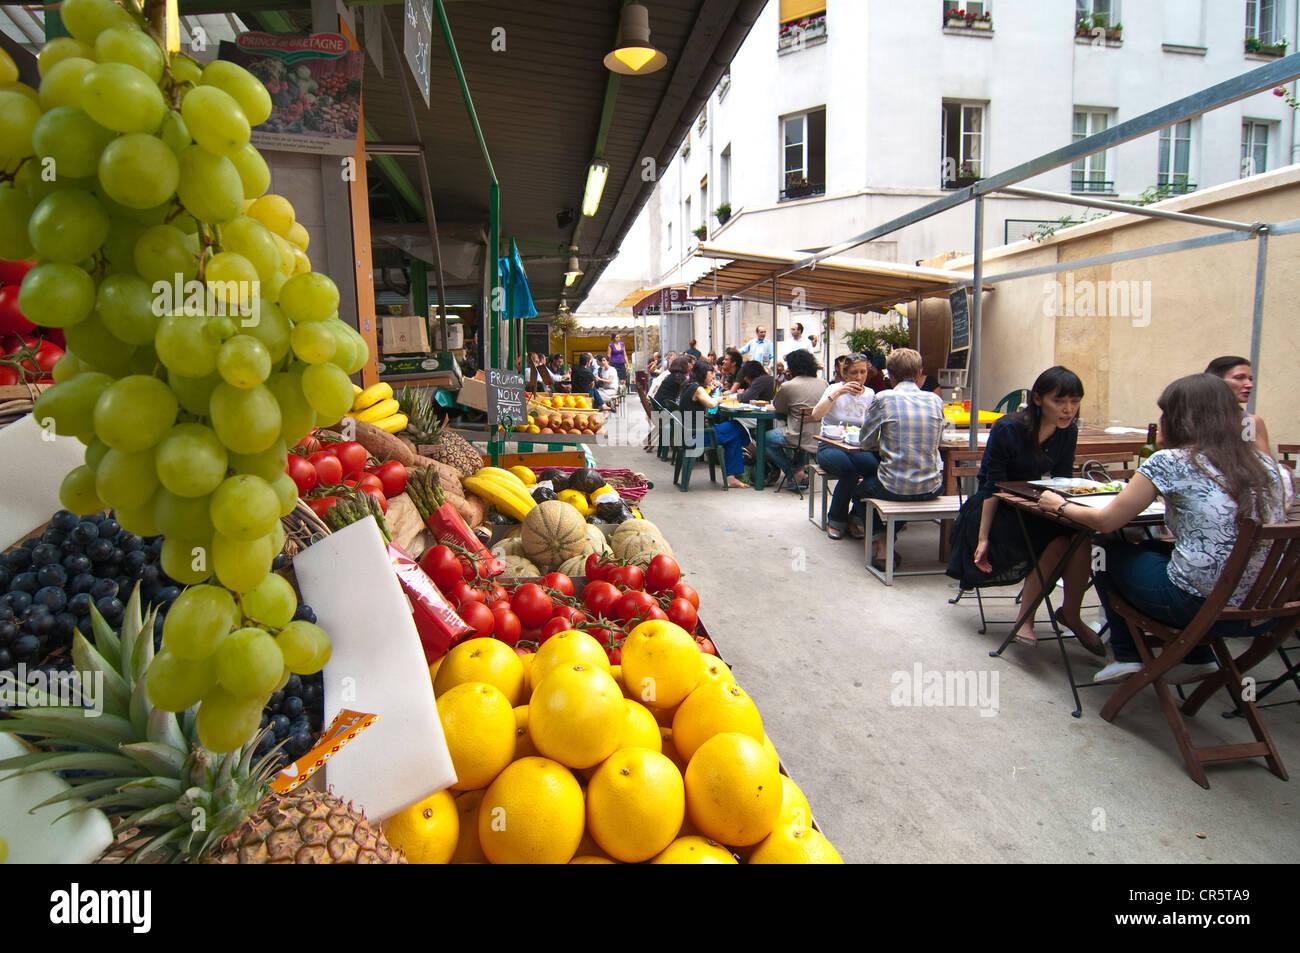 France, Paris, the Marais District, Marche des Enfants Rouges, fruits stand and cafe terrace Stock Photo